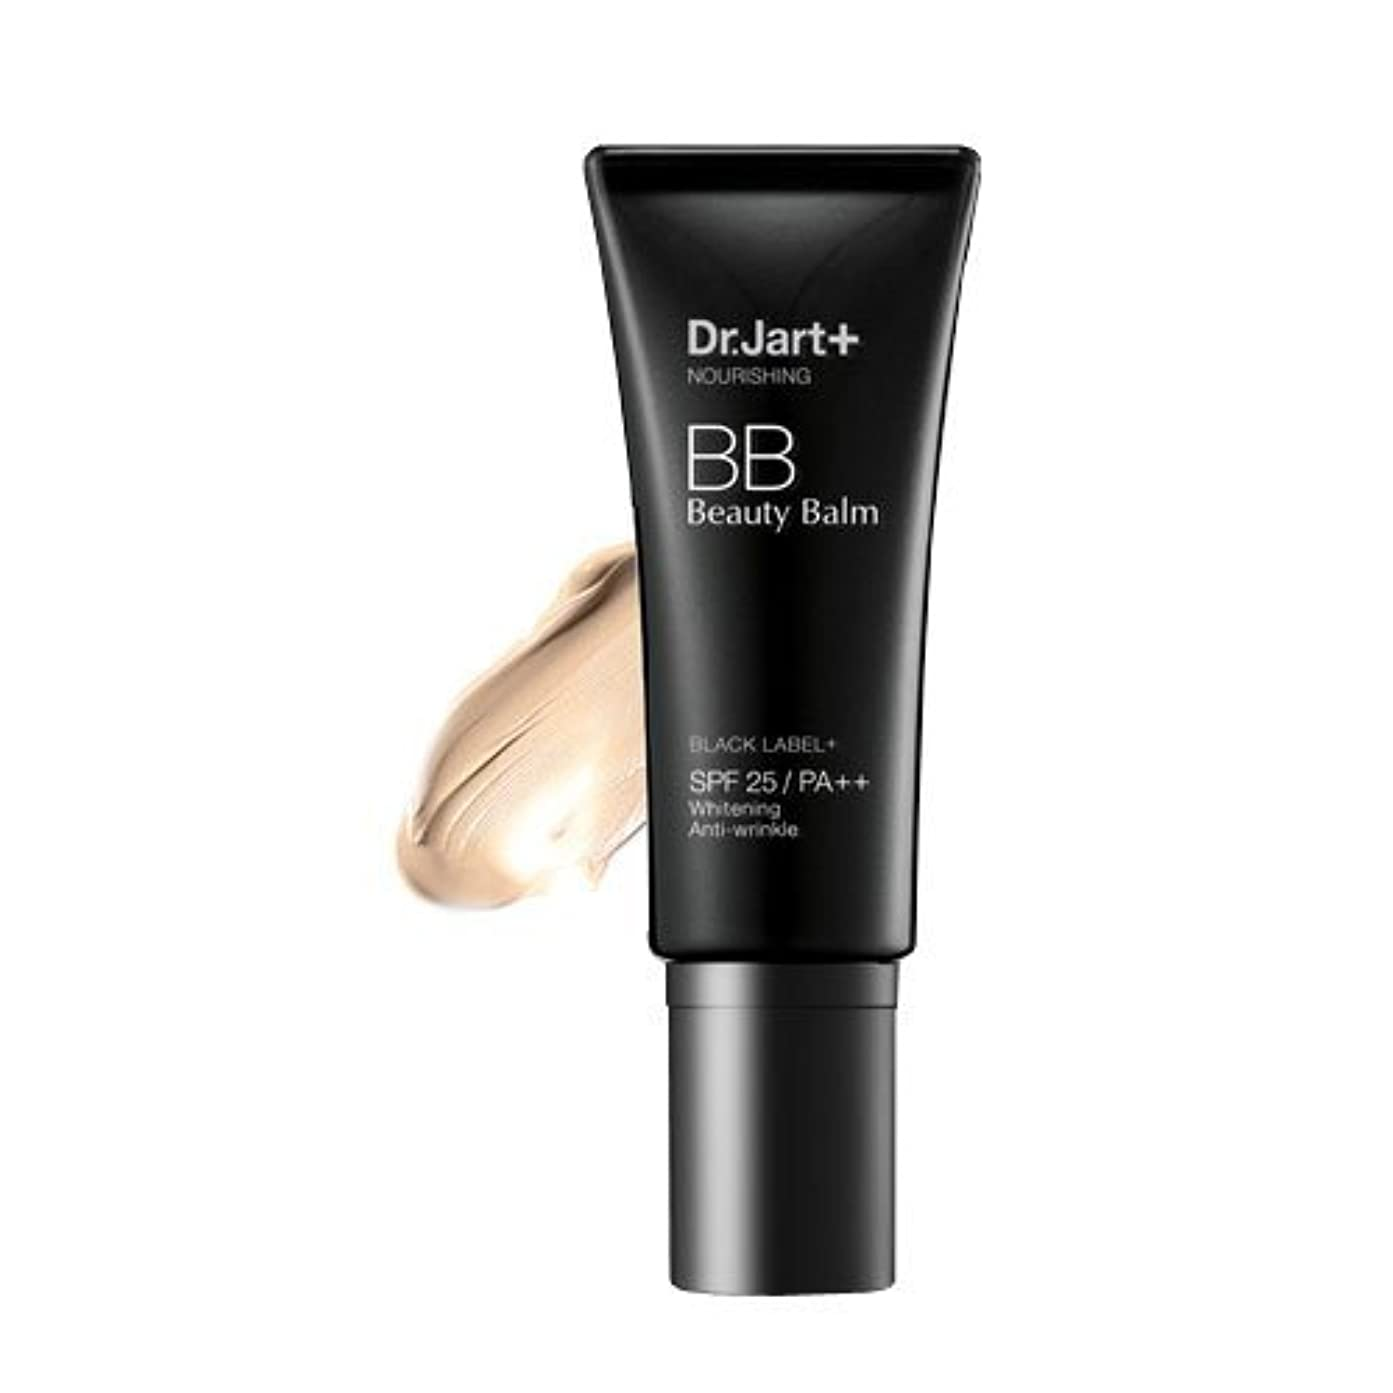 地上の無声で起訴するドクタージャルト ブラックラベル プラス BBクリーム SPF25PA+++ 40ml Dr.Jart NOURISHING BB Beauty Balm...